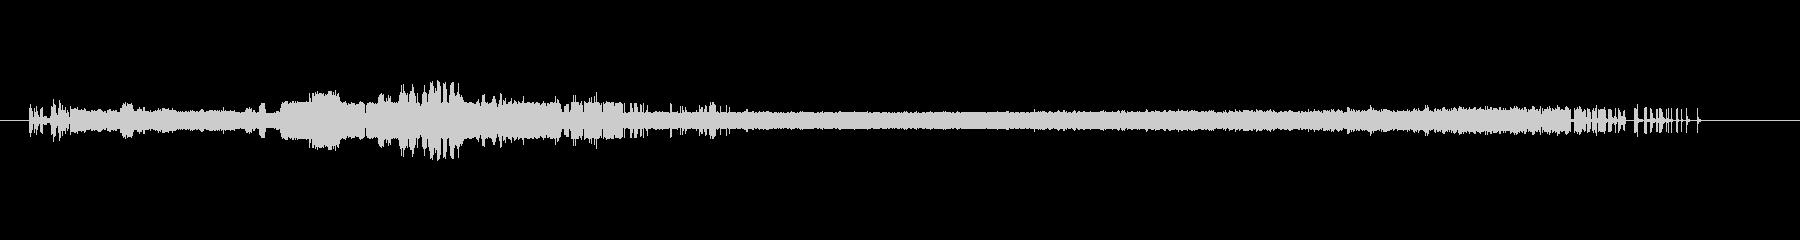 リプレイ向けホラー効果音1 金属&ノイズの未再生の波形